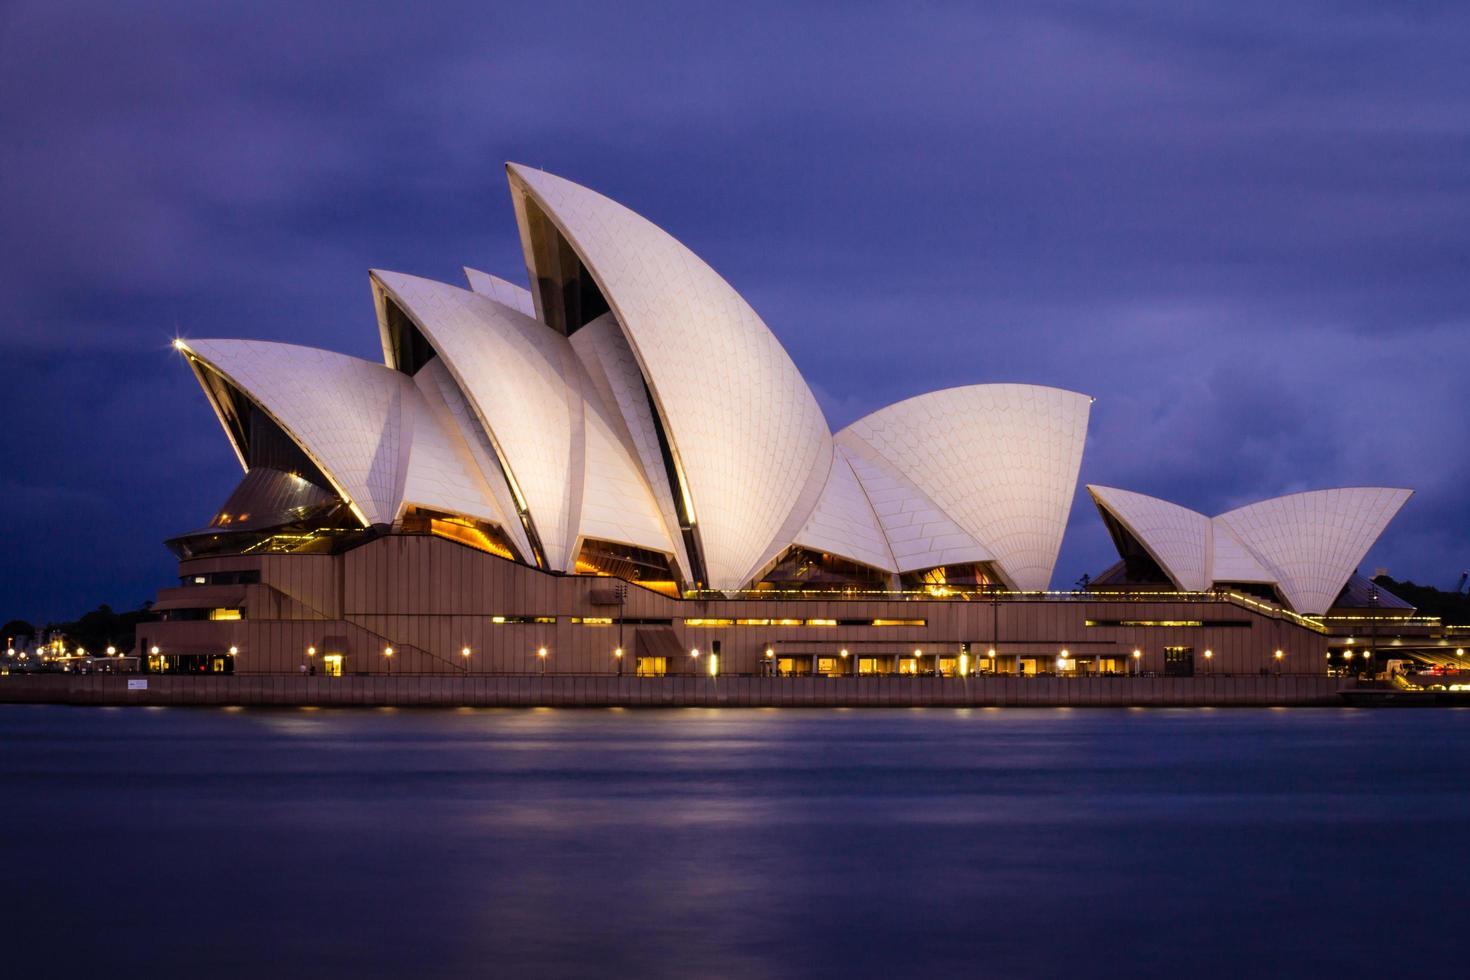 sydney, Australië, 2020 - lange blootstelling van het operahuis in sydney foto